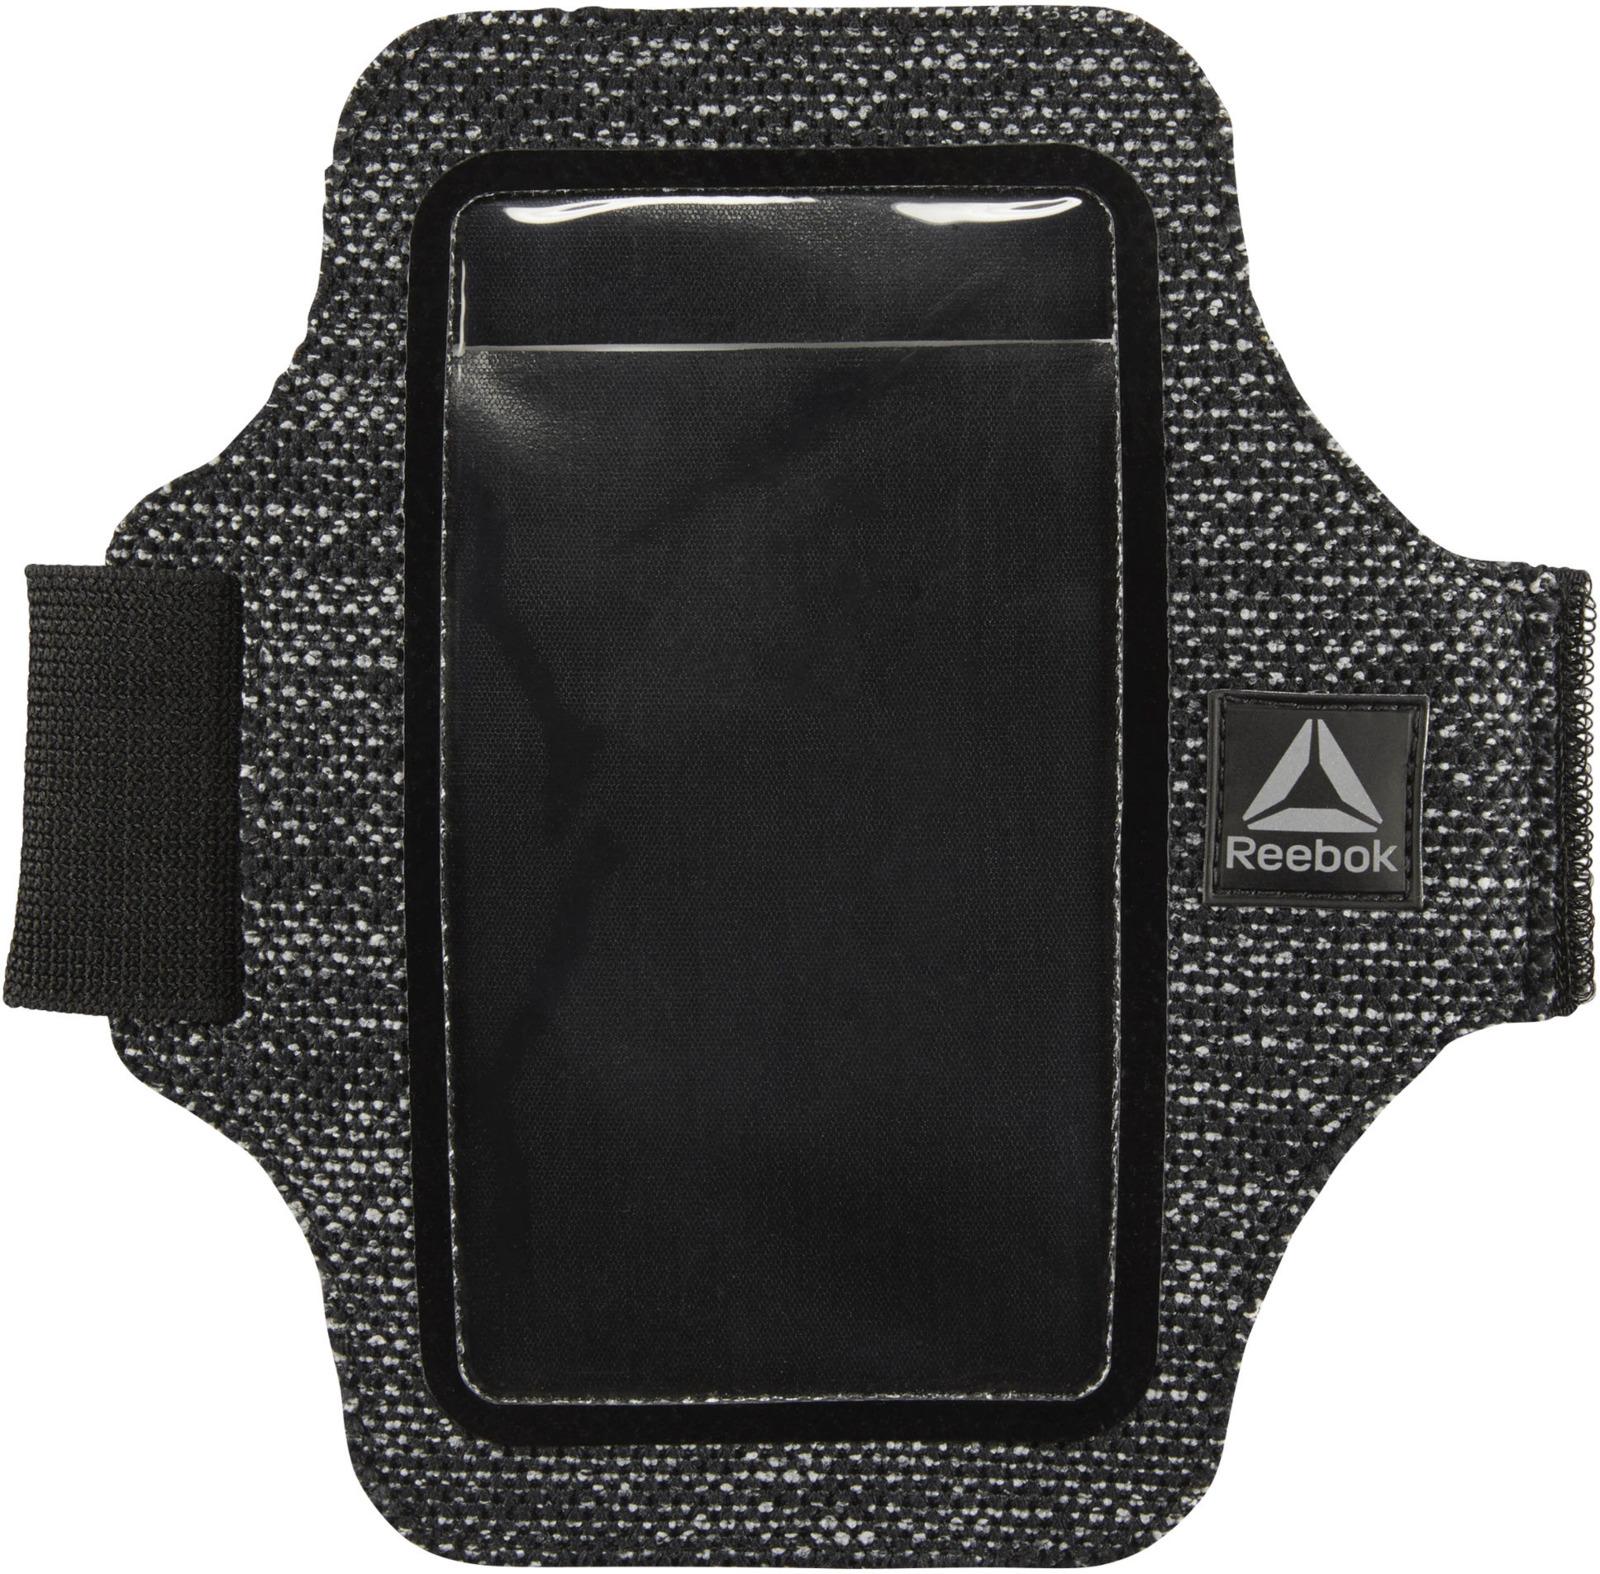 Чехол для телефона Reebok Os Run Media Armband, цвет: черный. D68166 ветровка женская reebok run hero jkt цвет черный cy4678 размер xs 40